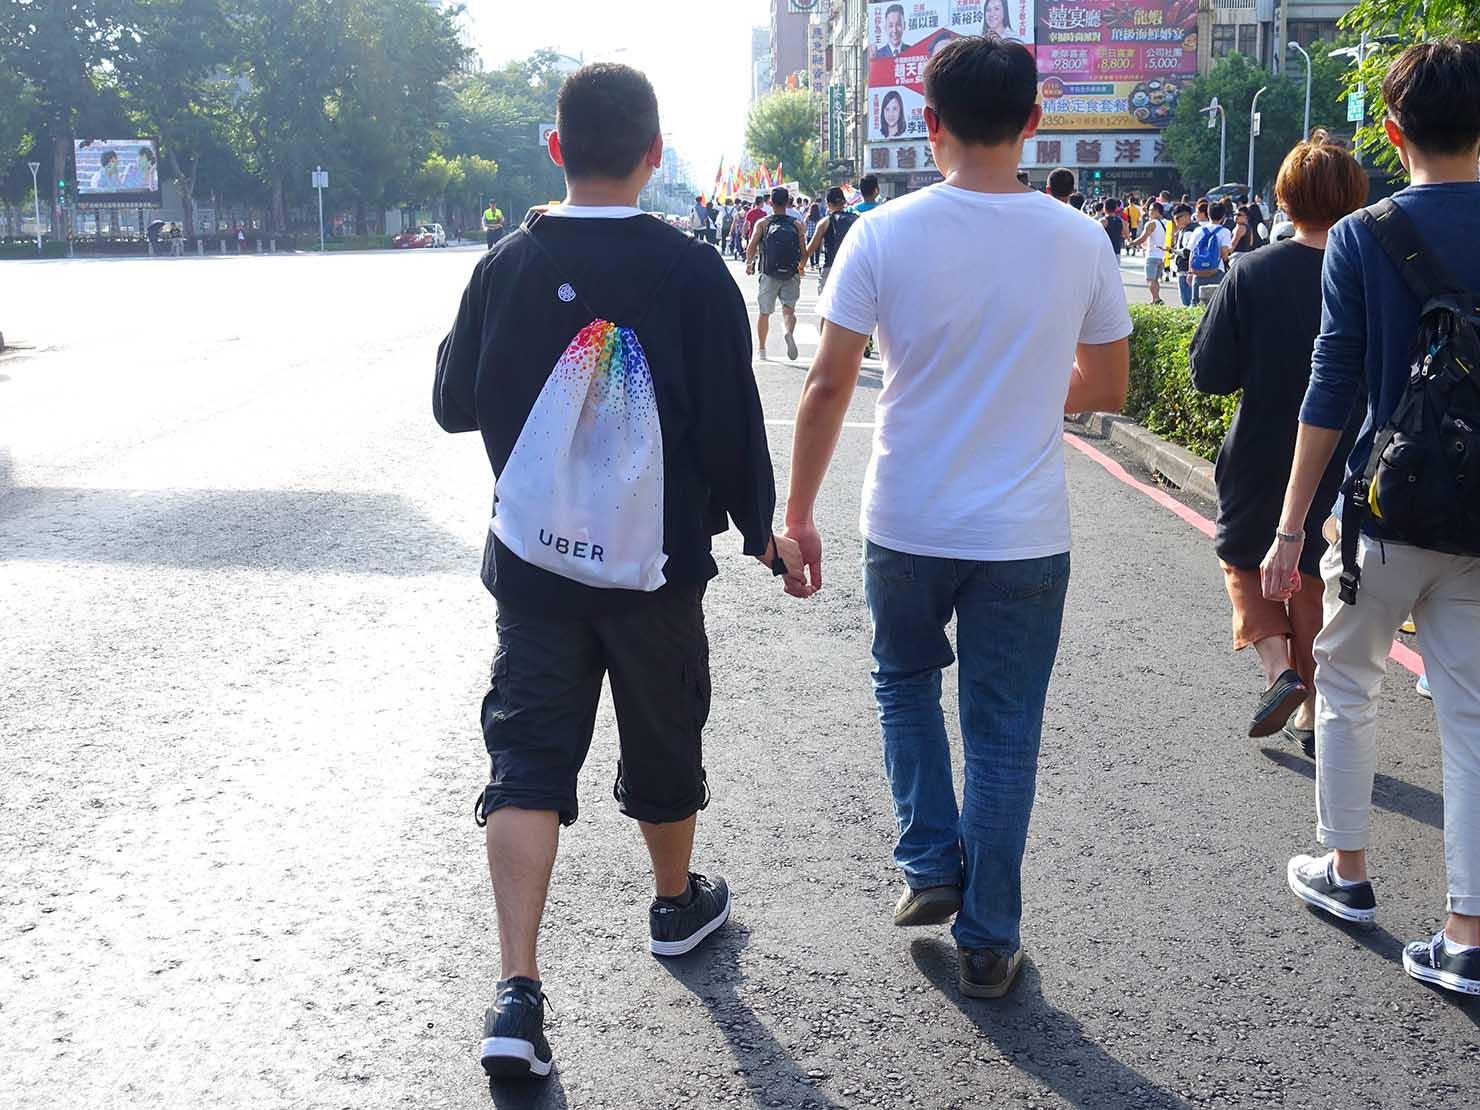 高雄同志大遊行(高雄レインボーパレード)2017で手を繋いで歩くゲイカップル